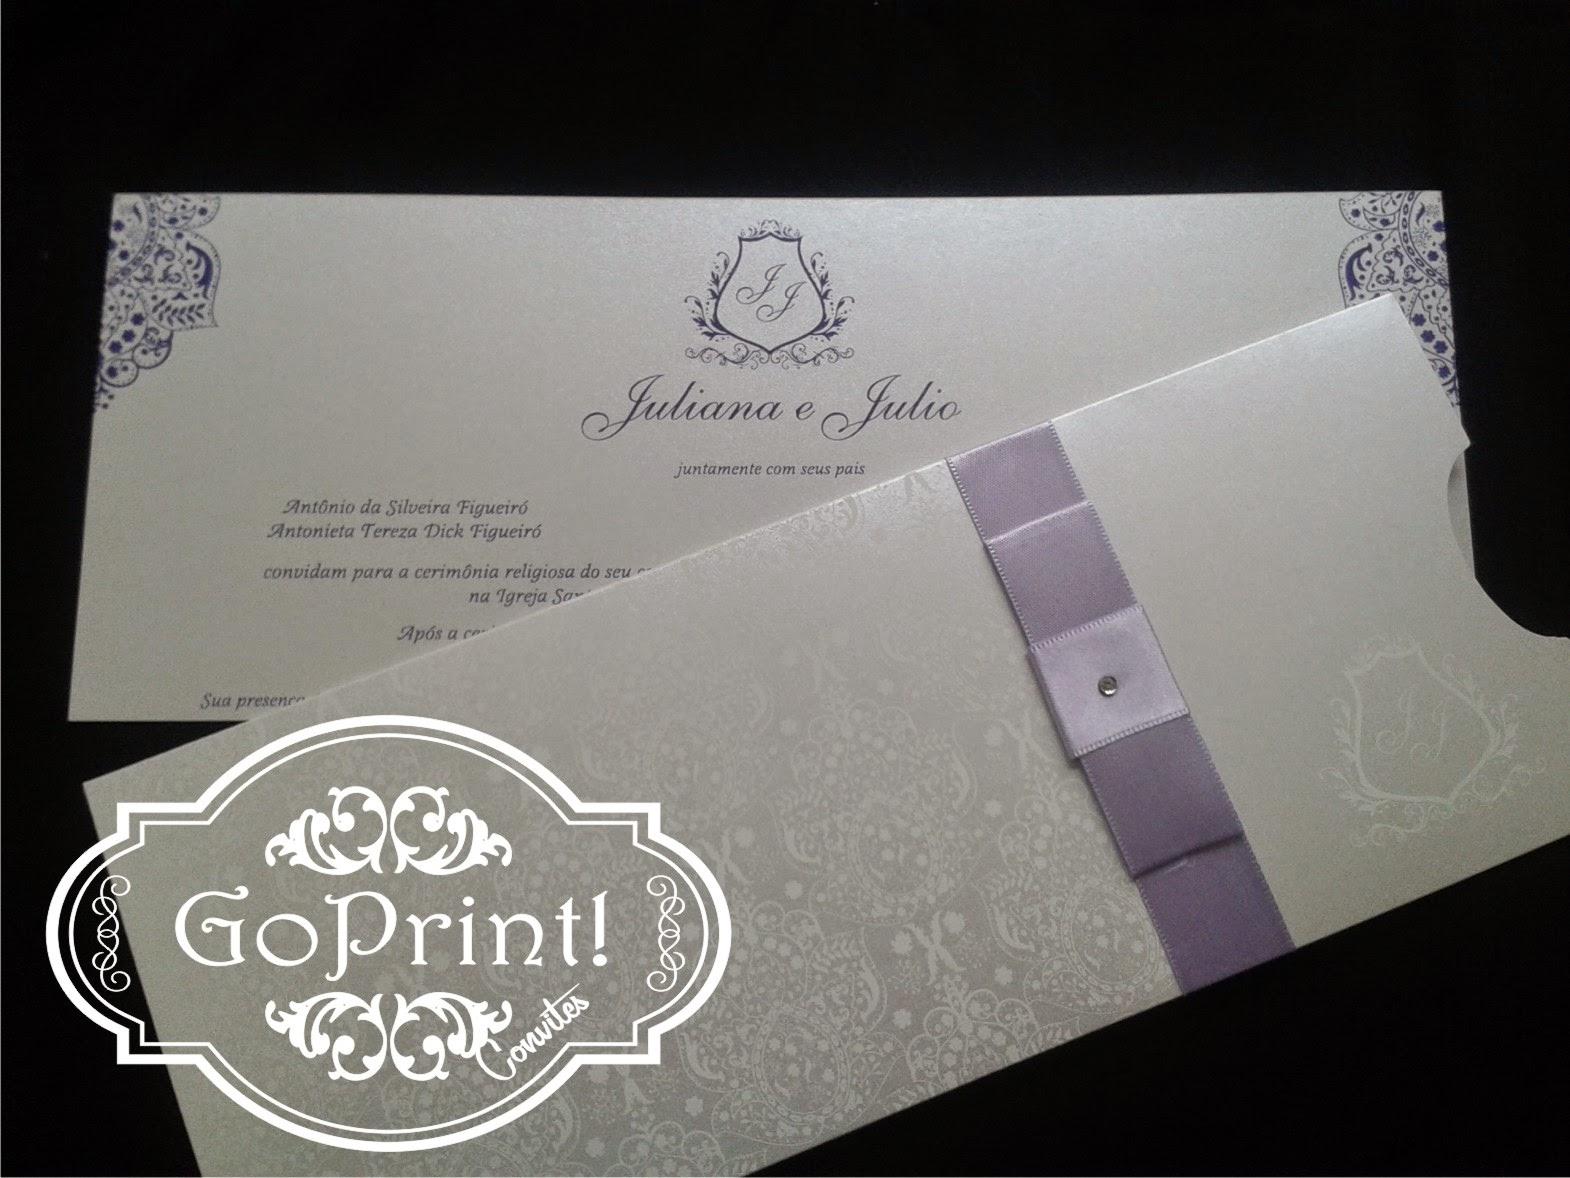 http://gpconvites.wix.com/convites#!product/prd1/3489096401/c%C3%B3digo-f32-2